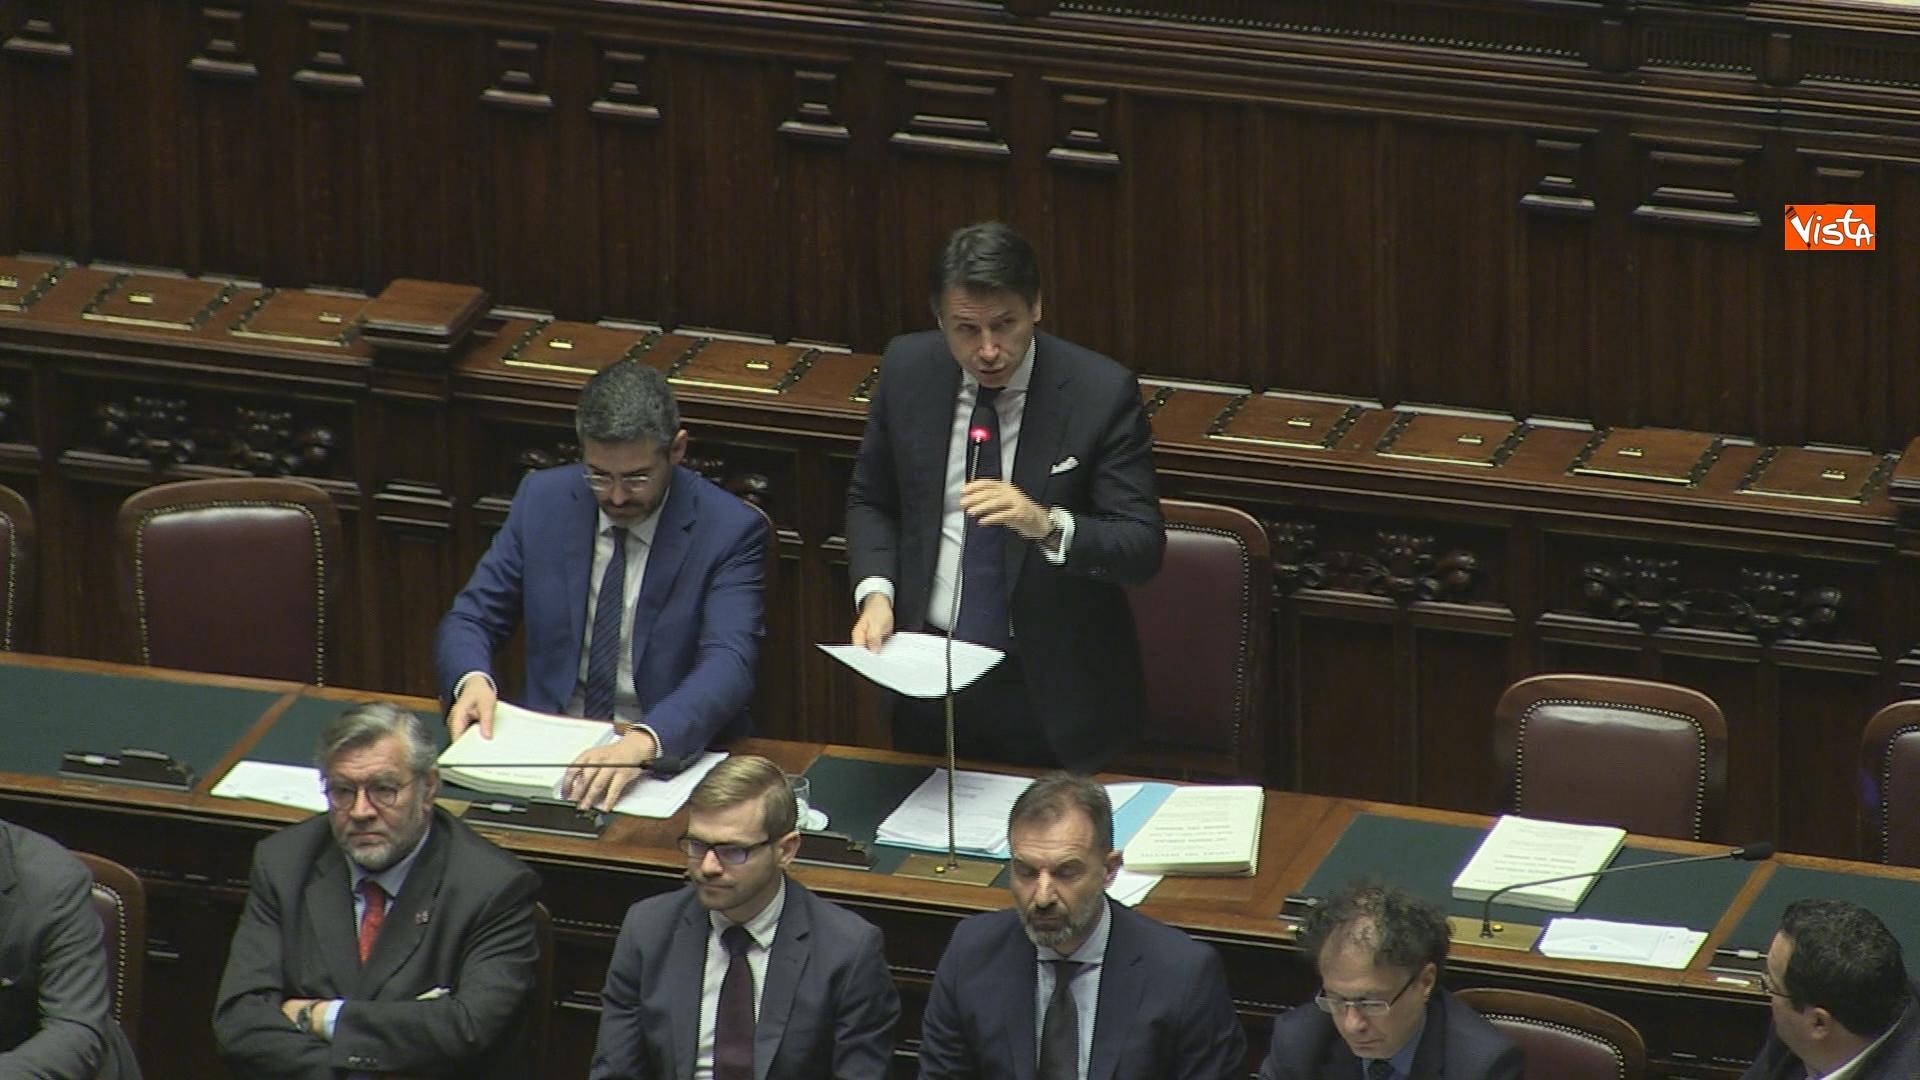 19-03-19 Conte riferisce in Aula Camera su Consiglio Ue e Via della seta immagini_09